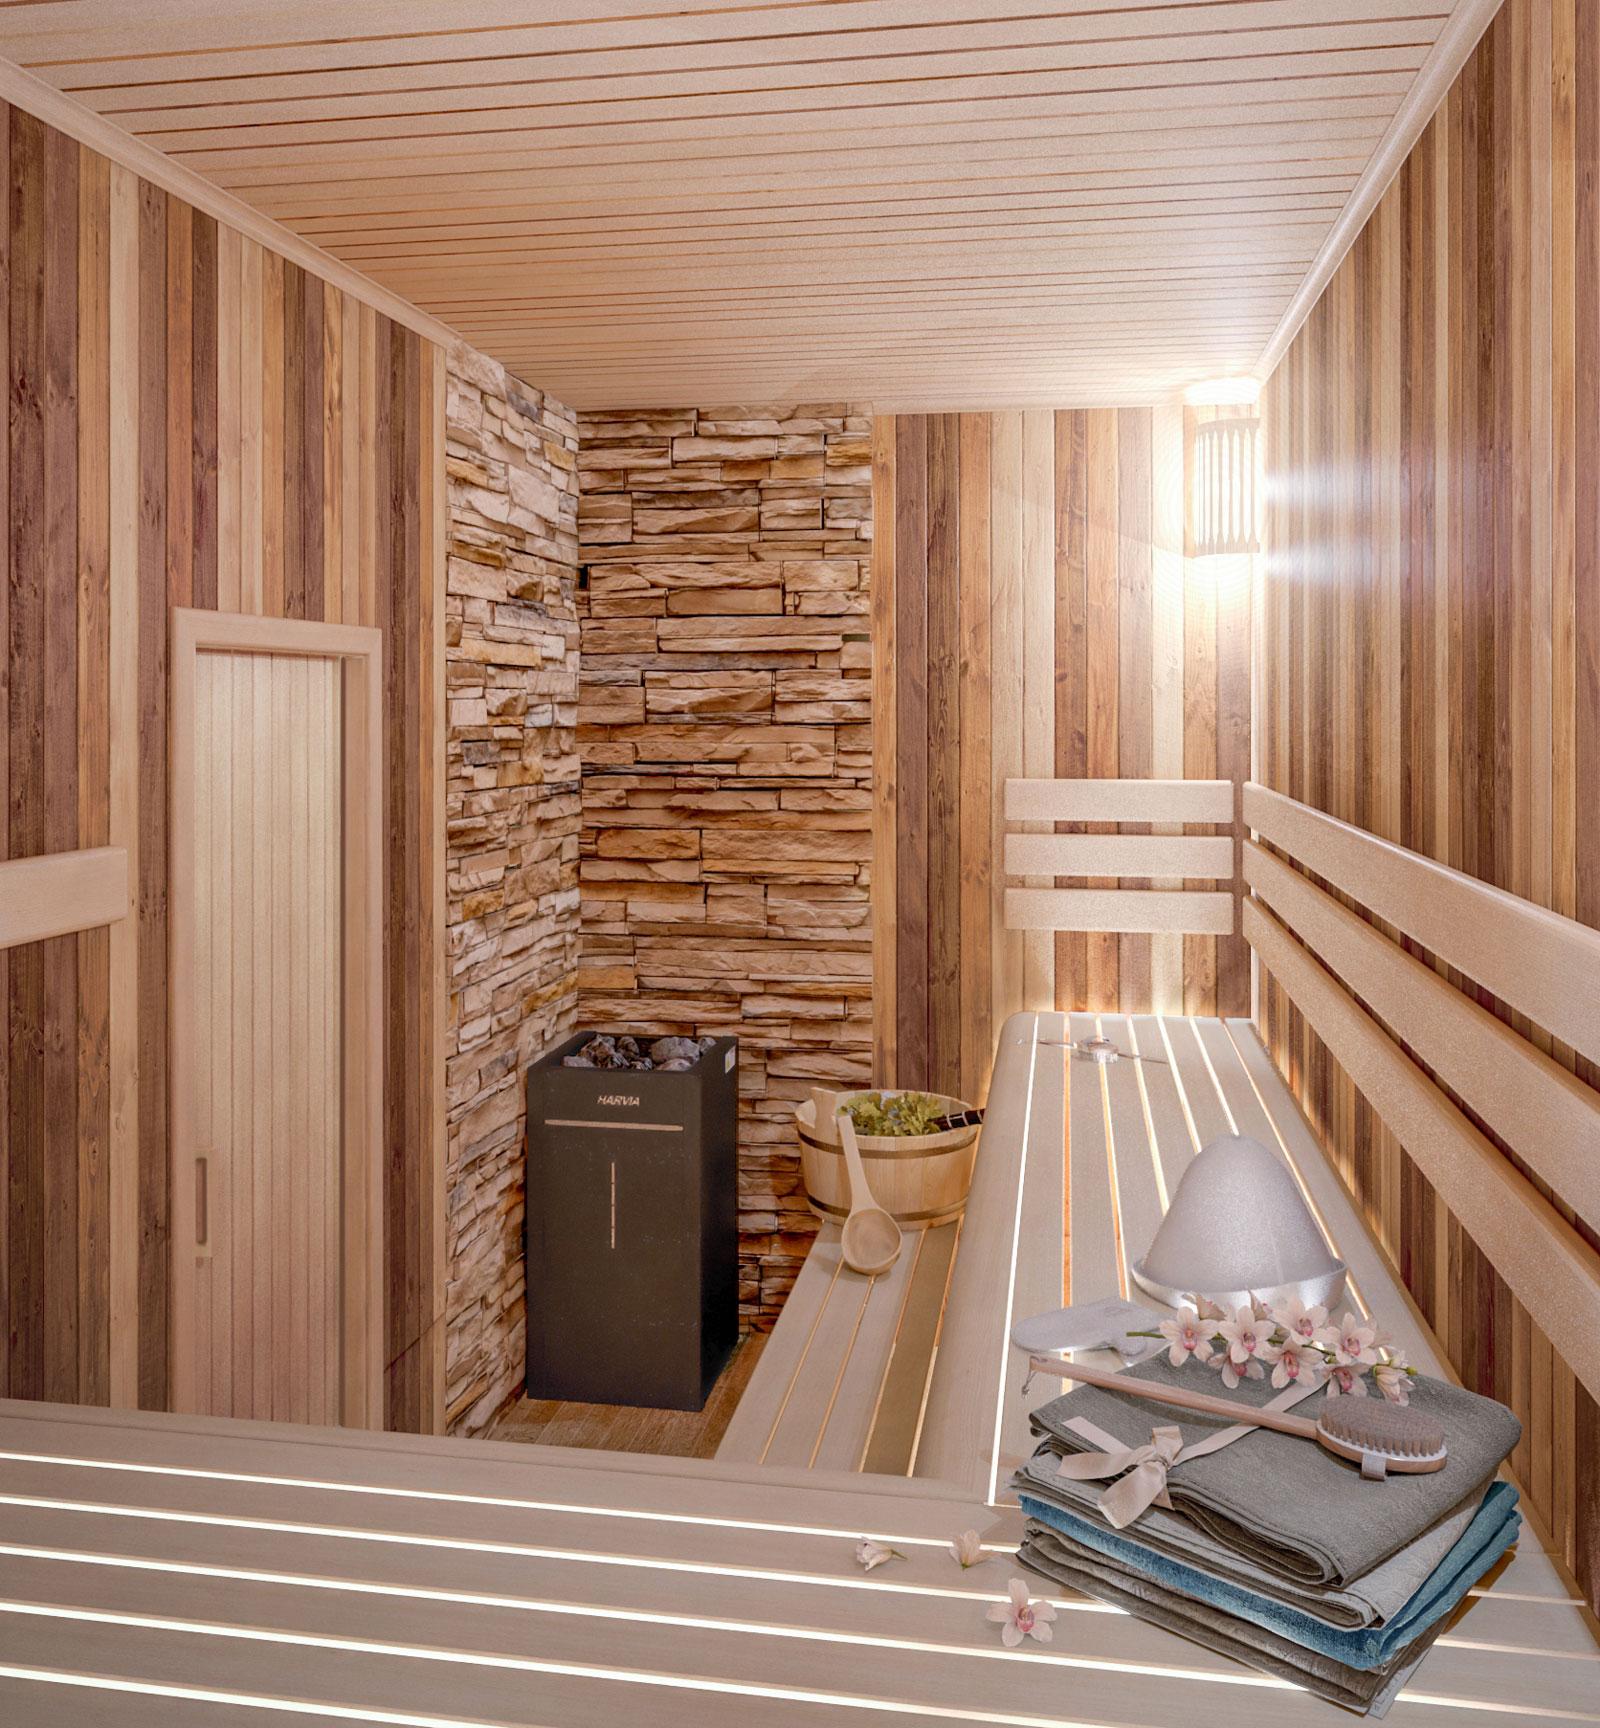 Баня - отделка моечной. именно про это желают узнать многие люди. о чём стоит помнить при оформлении такого помещения, что тут вообще должно быть